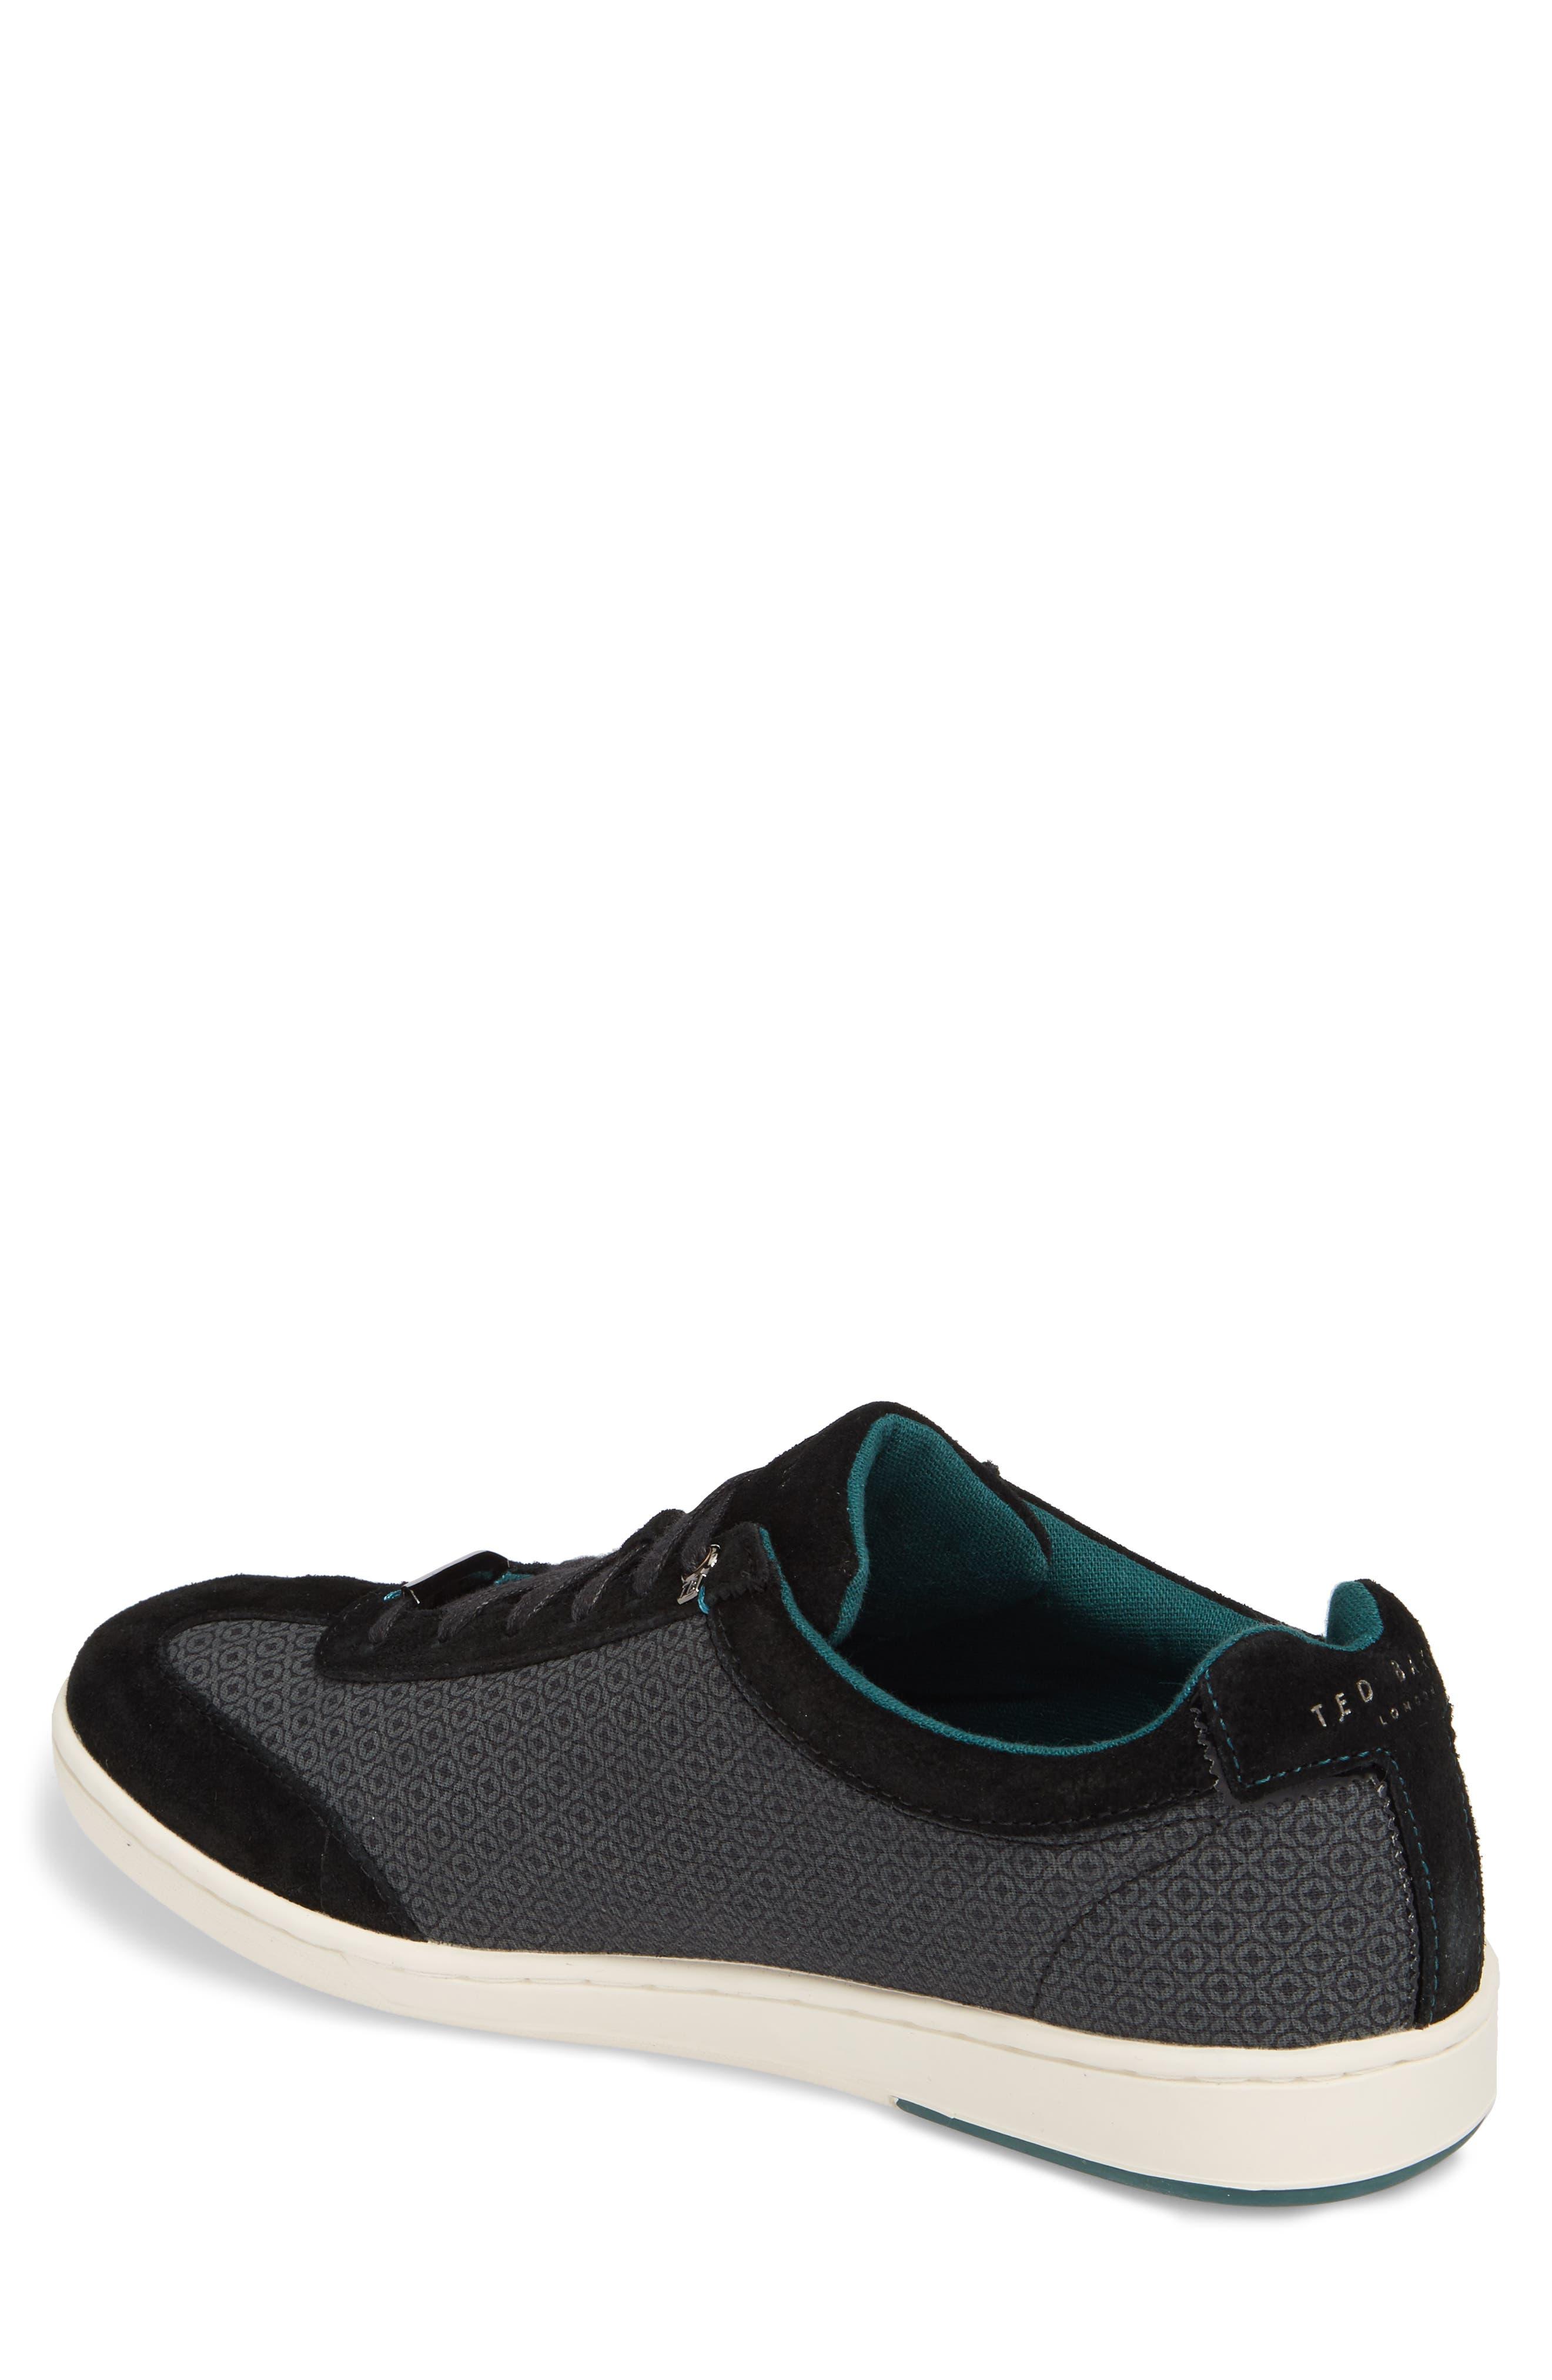 Kiefer Sneaker,                             Alternate thumbnail 2, color,                             011